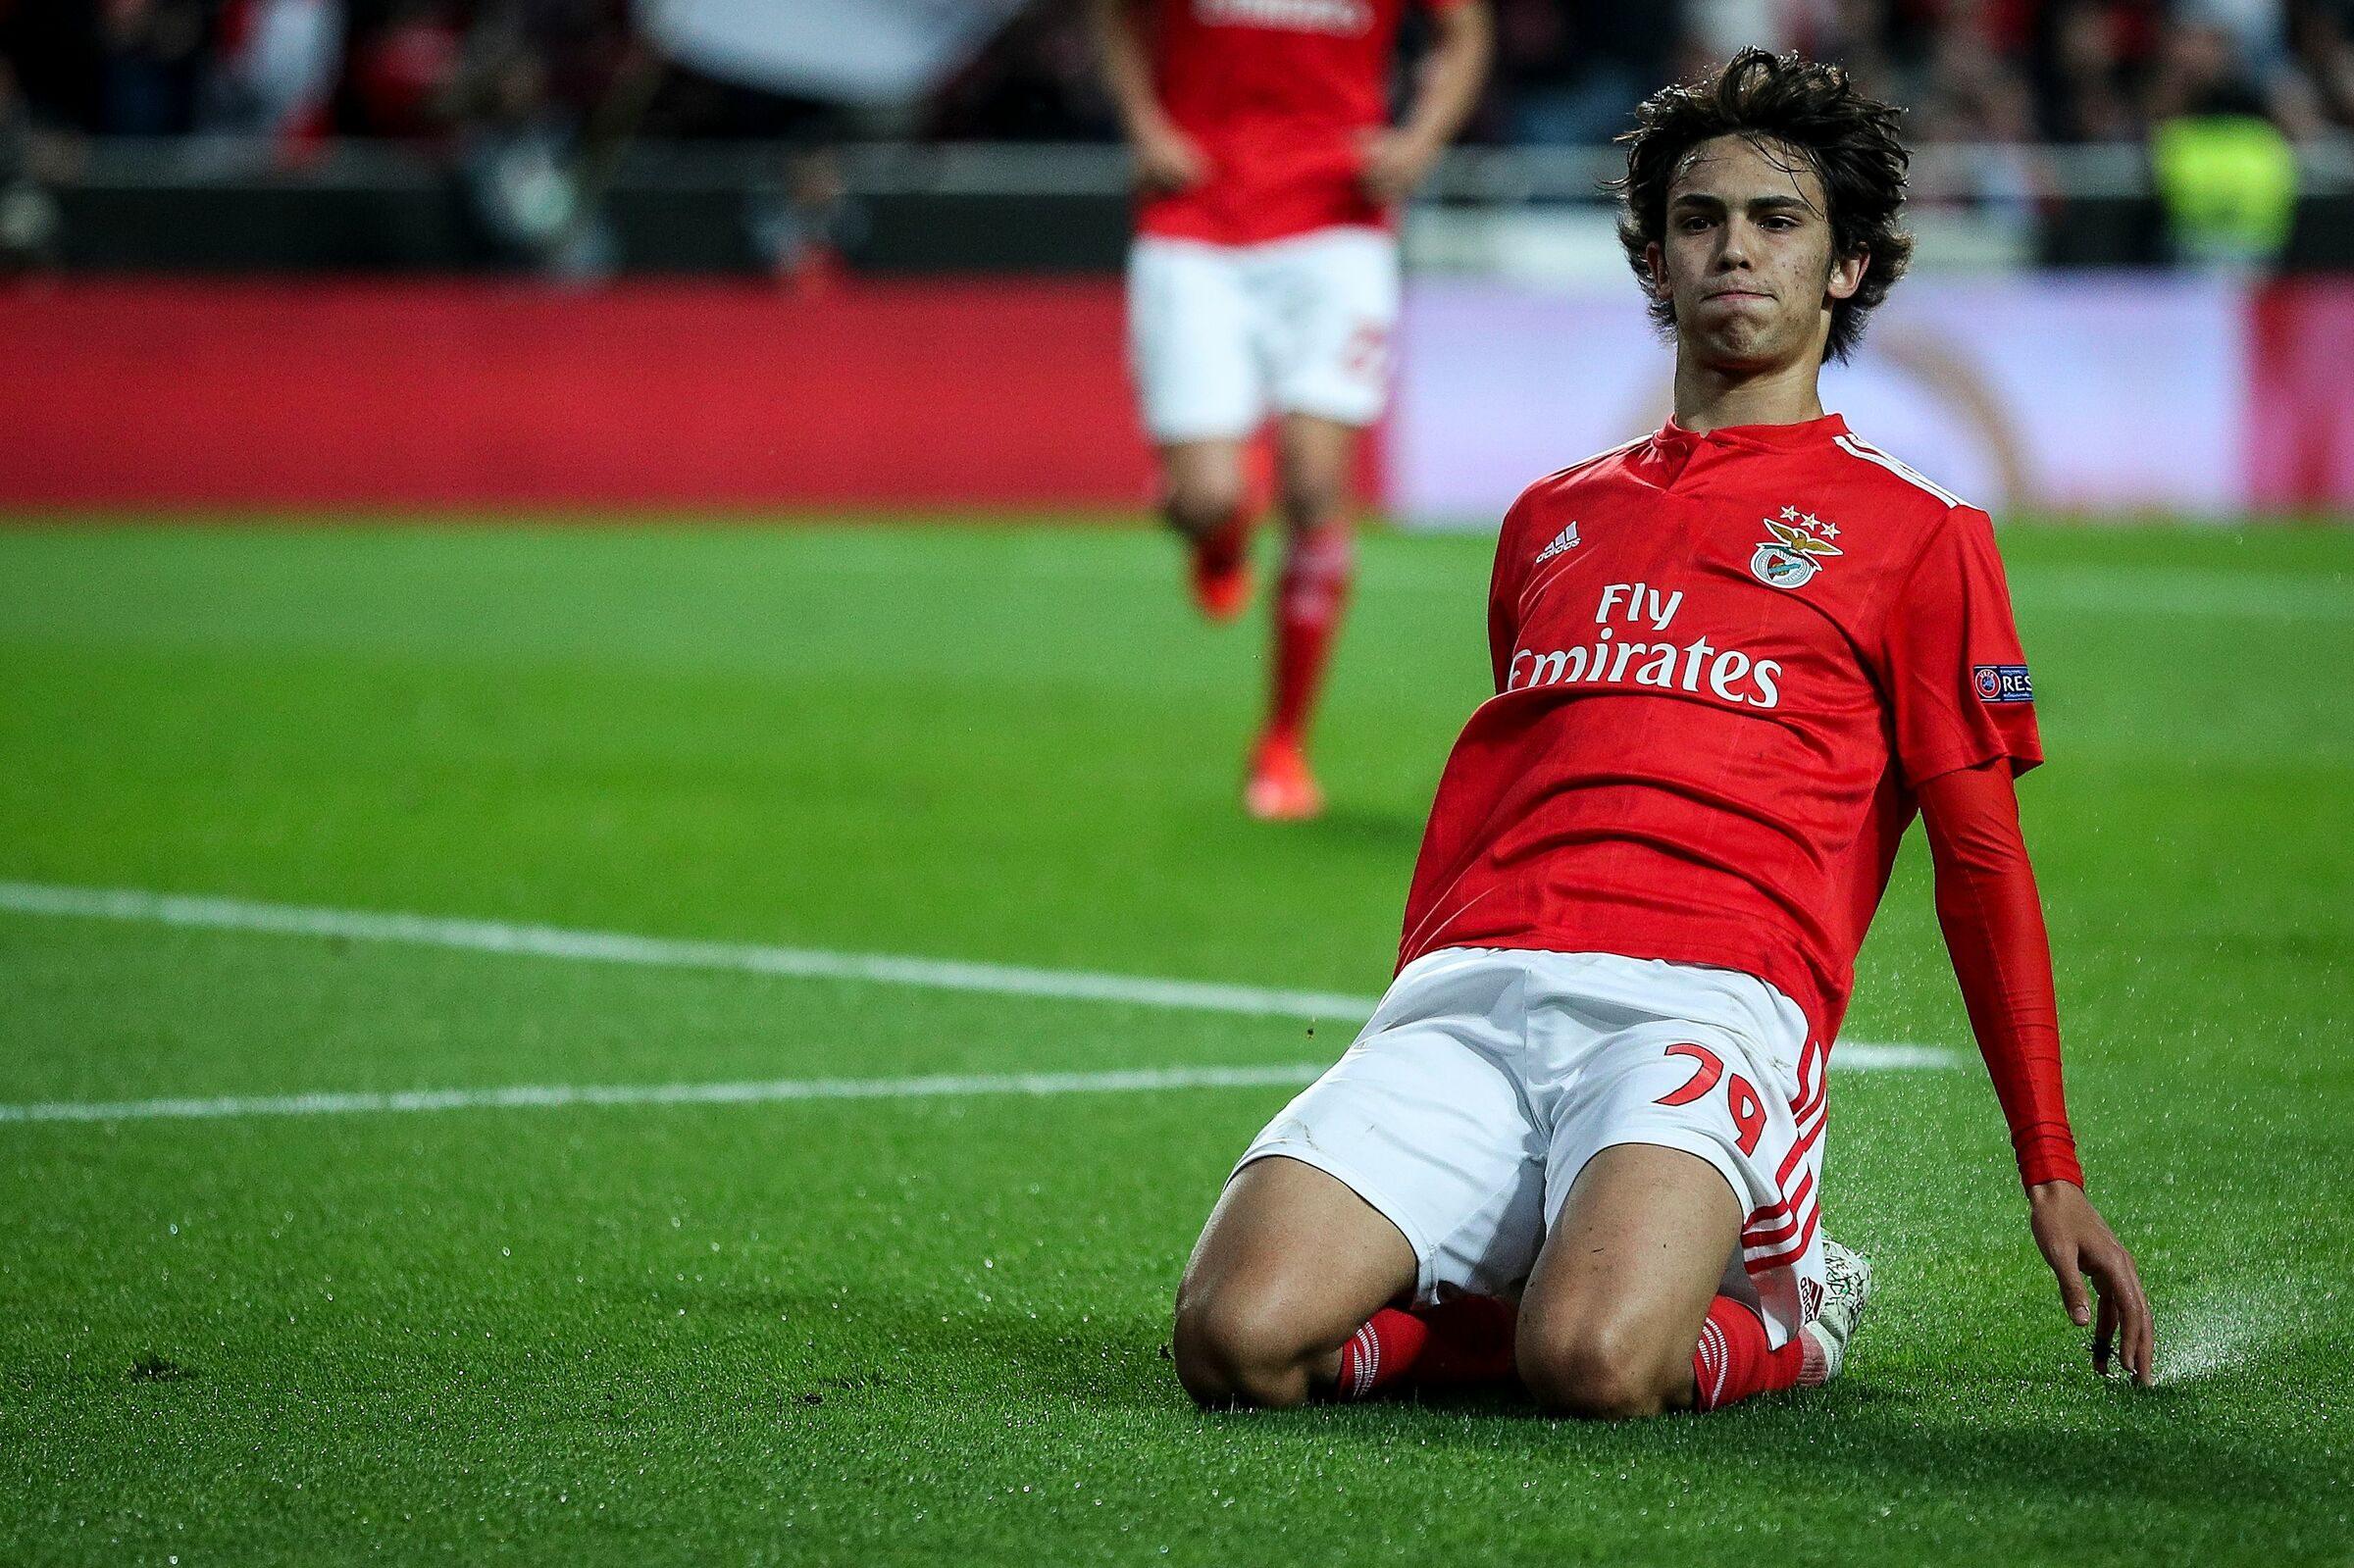 Brilla la stella di Joao Felix: il più giovane ad aver segnato tre gol in Europa League